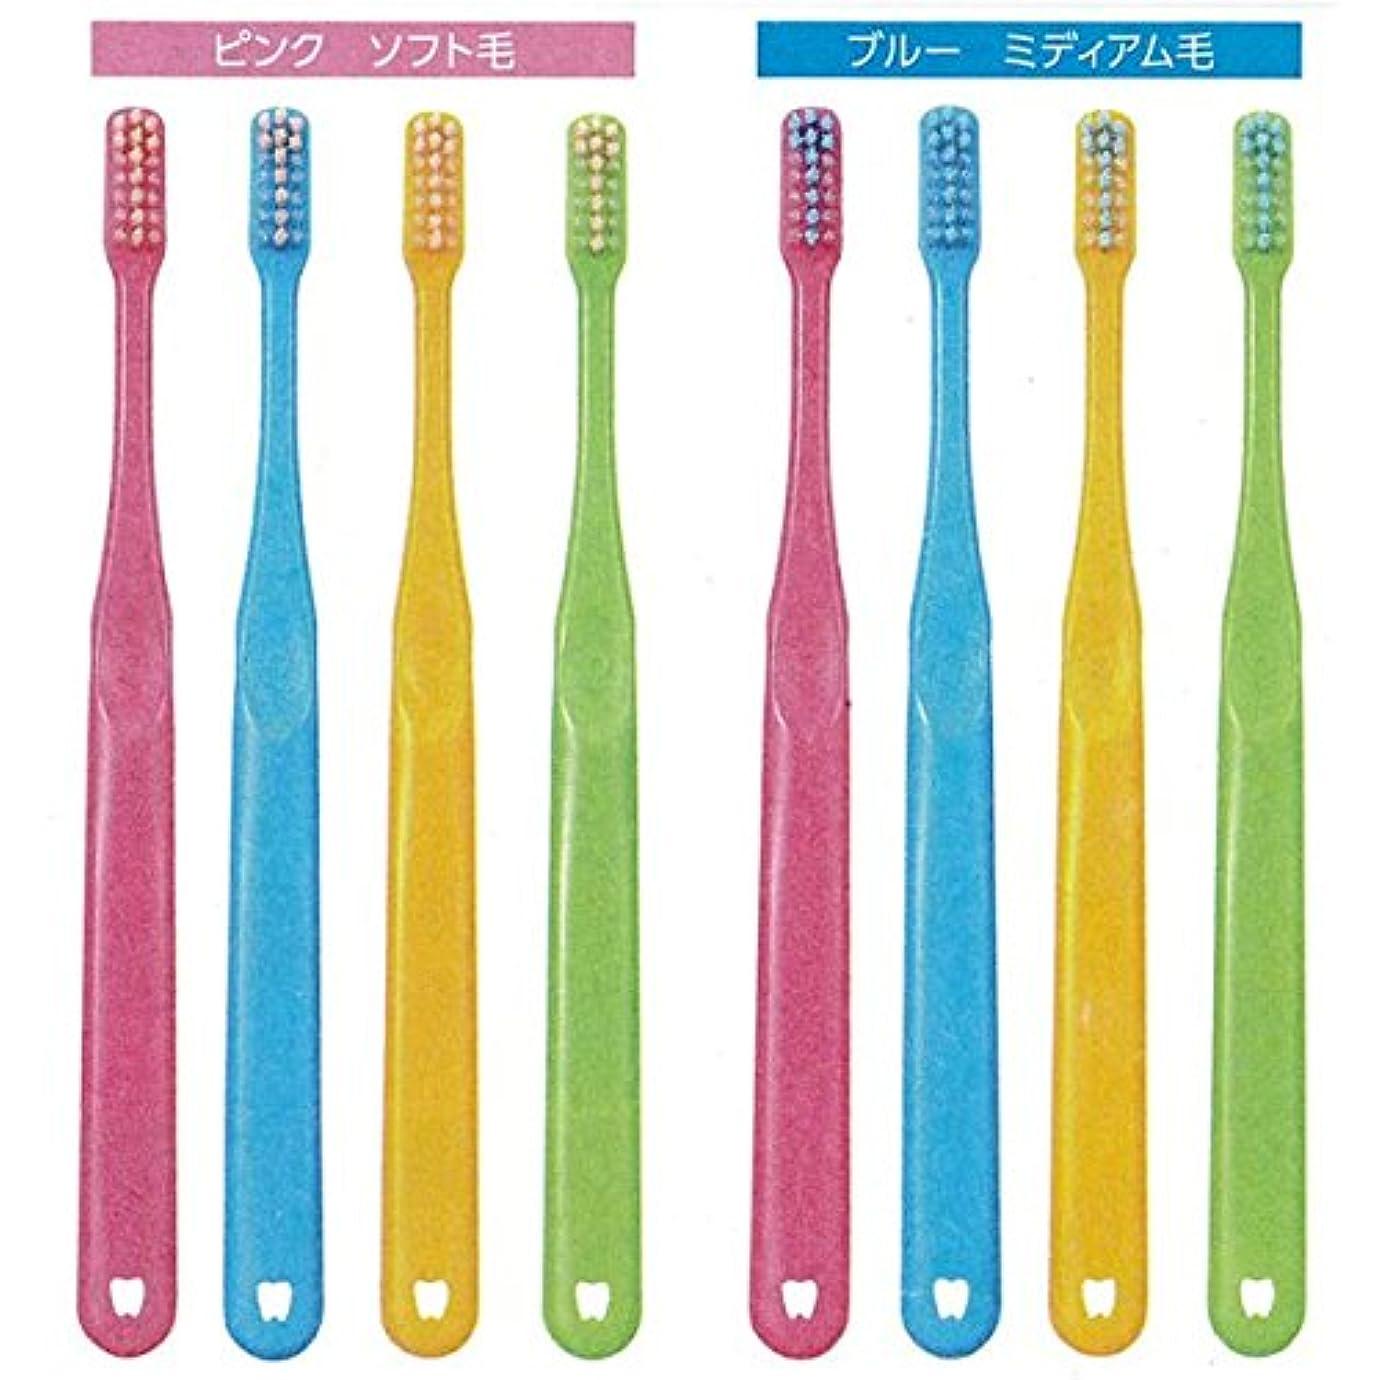 むさぼり食う野な浮くci PROPLUS +プロプラス 大人用 一般 歯ブラシ1本 (S(やわらかめ))